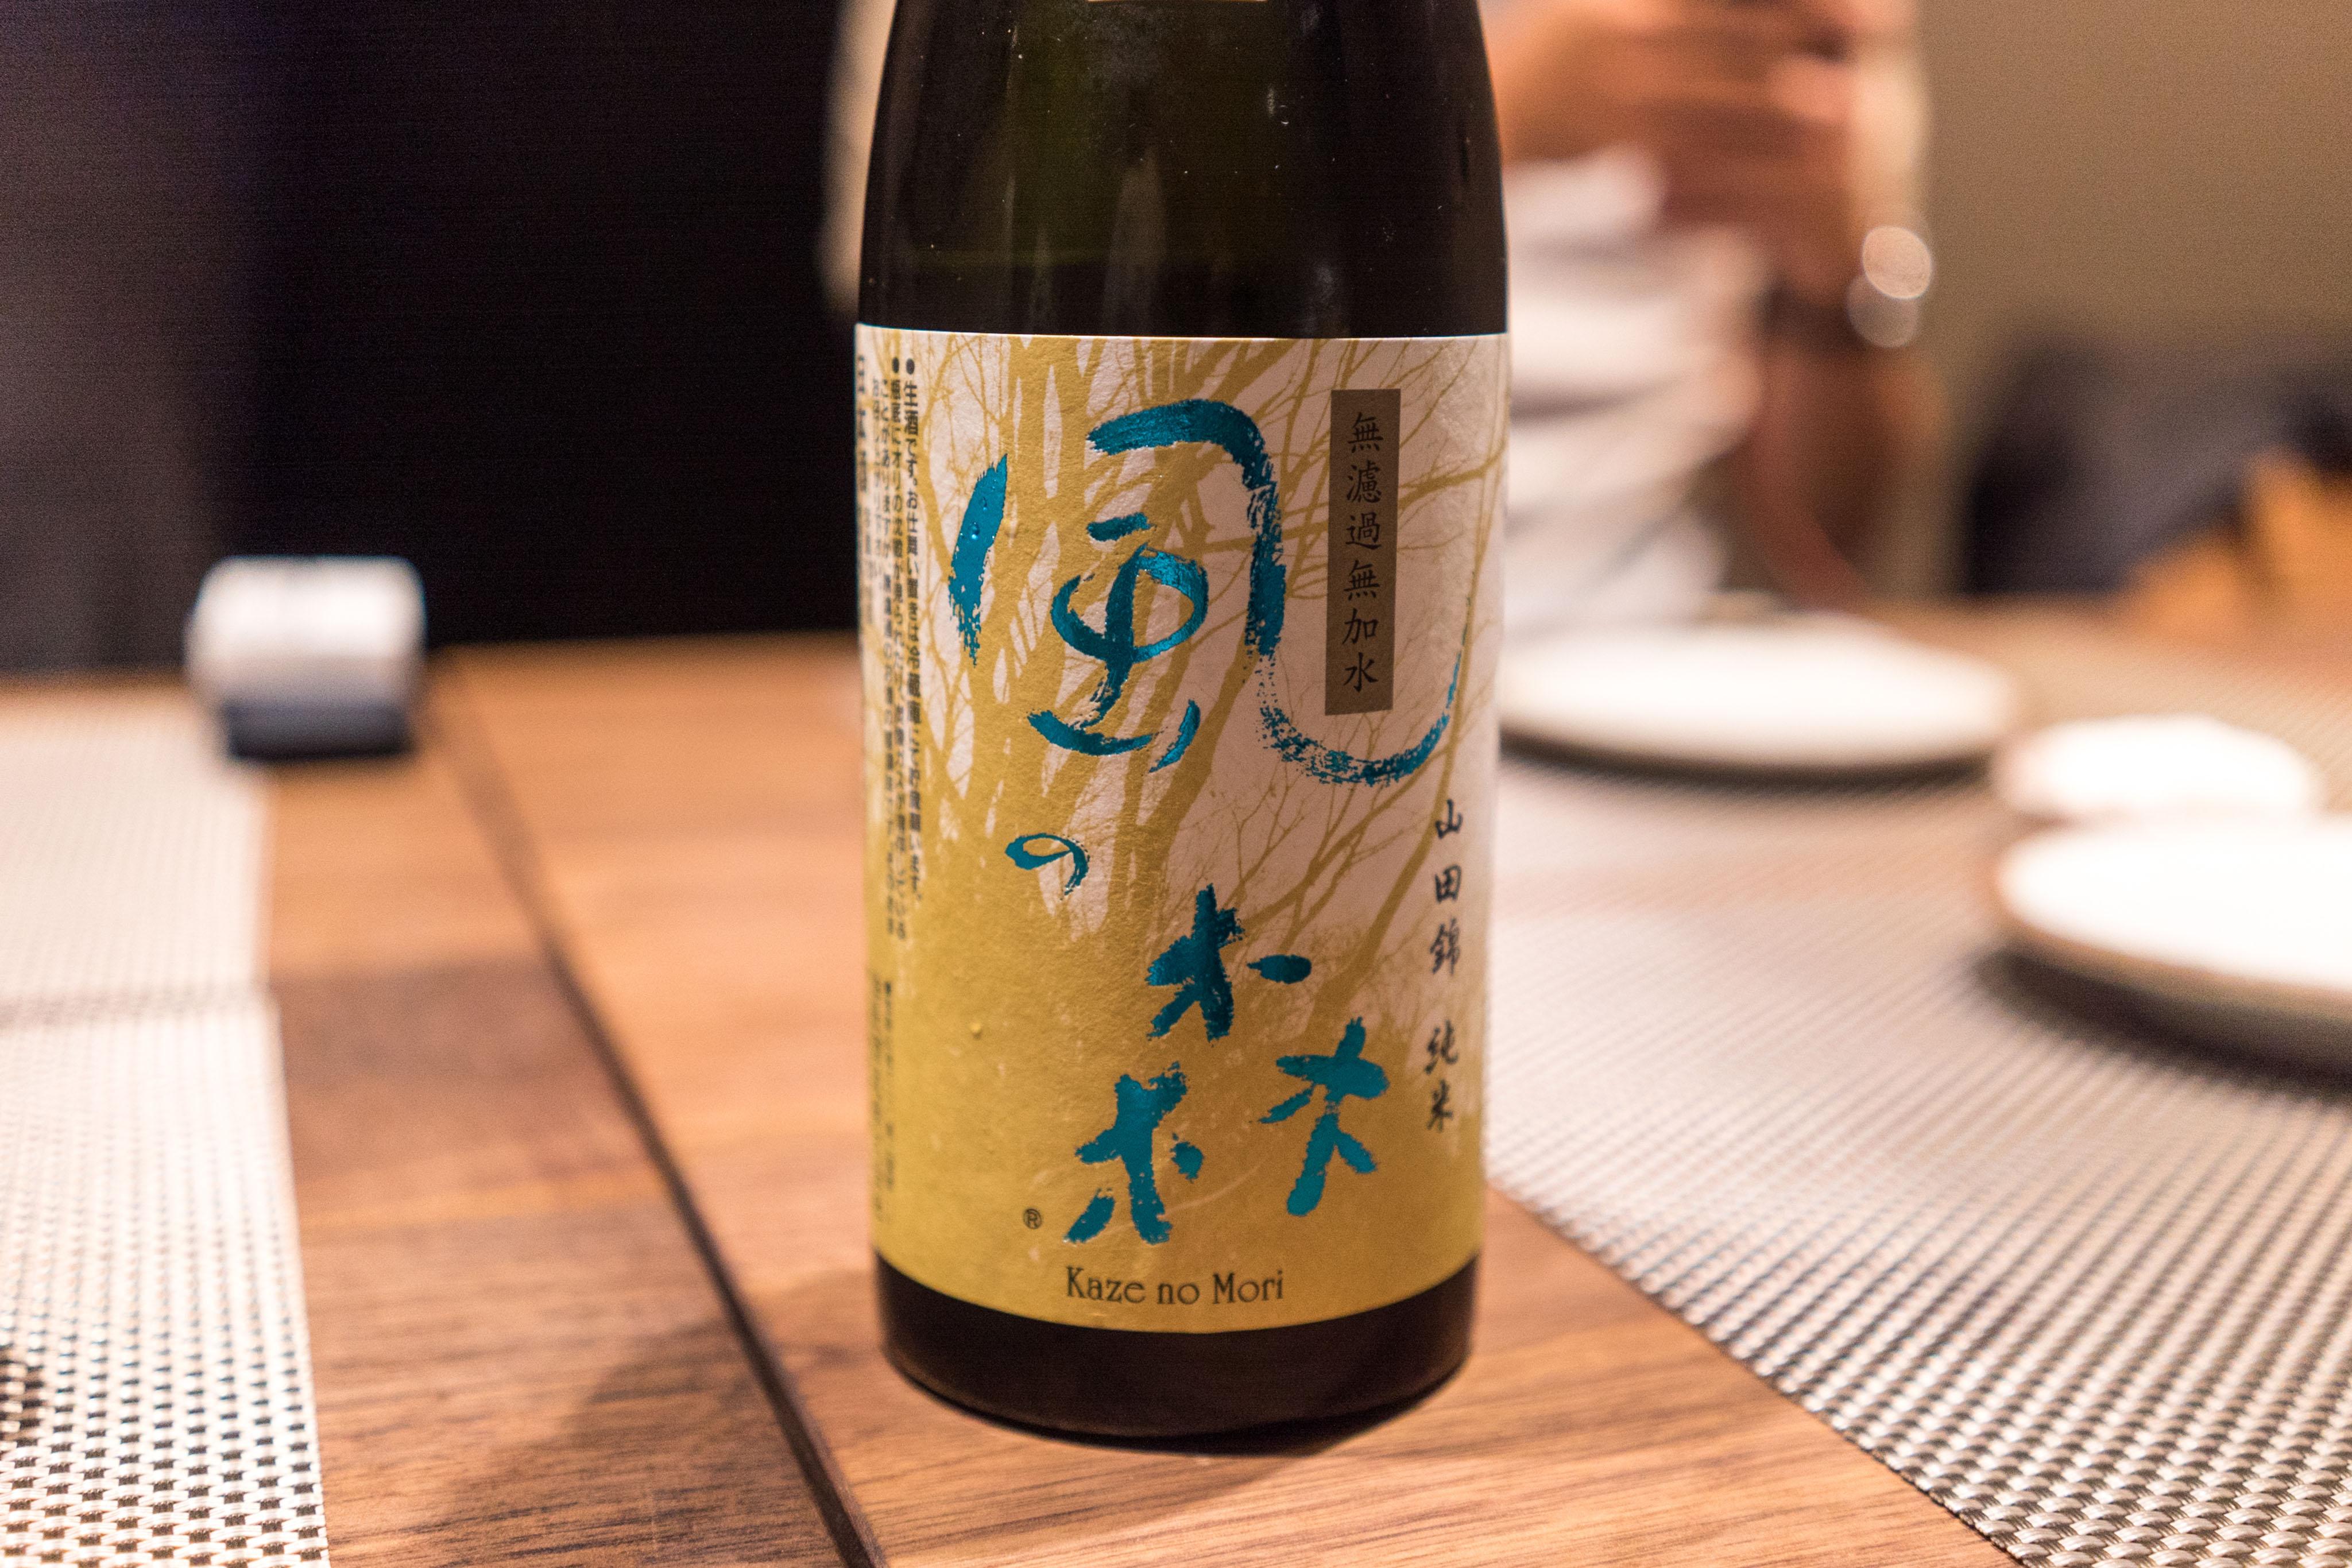 카제노모리 쥰마이 야마다니시키 80